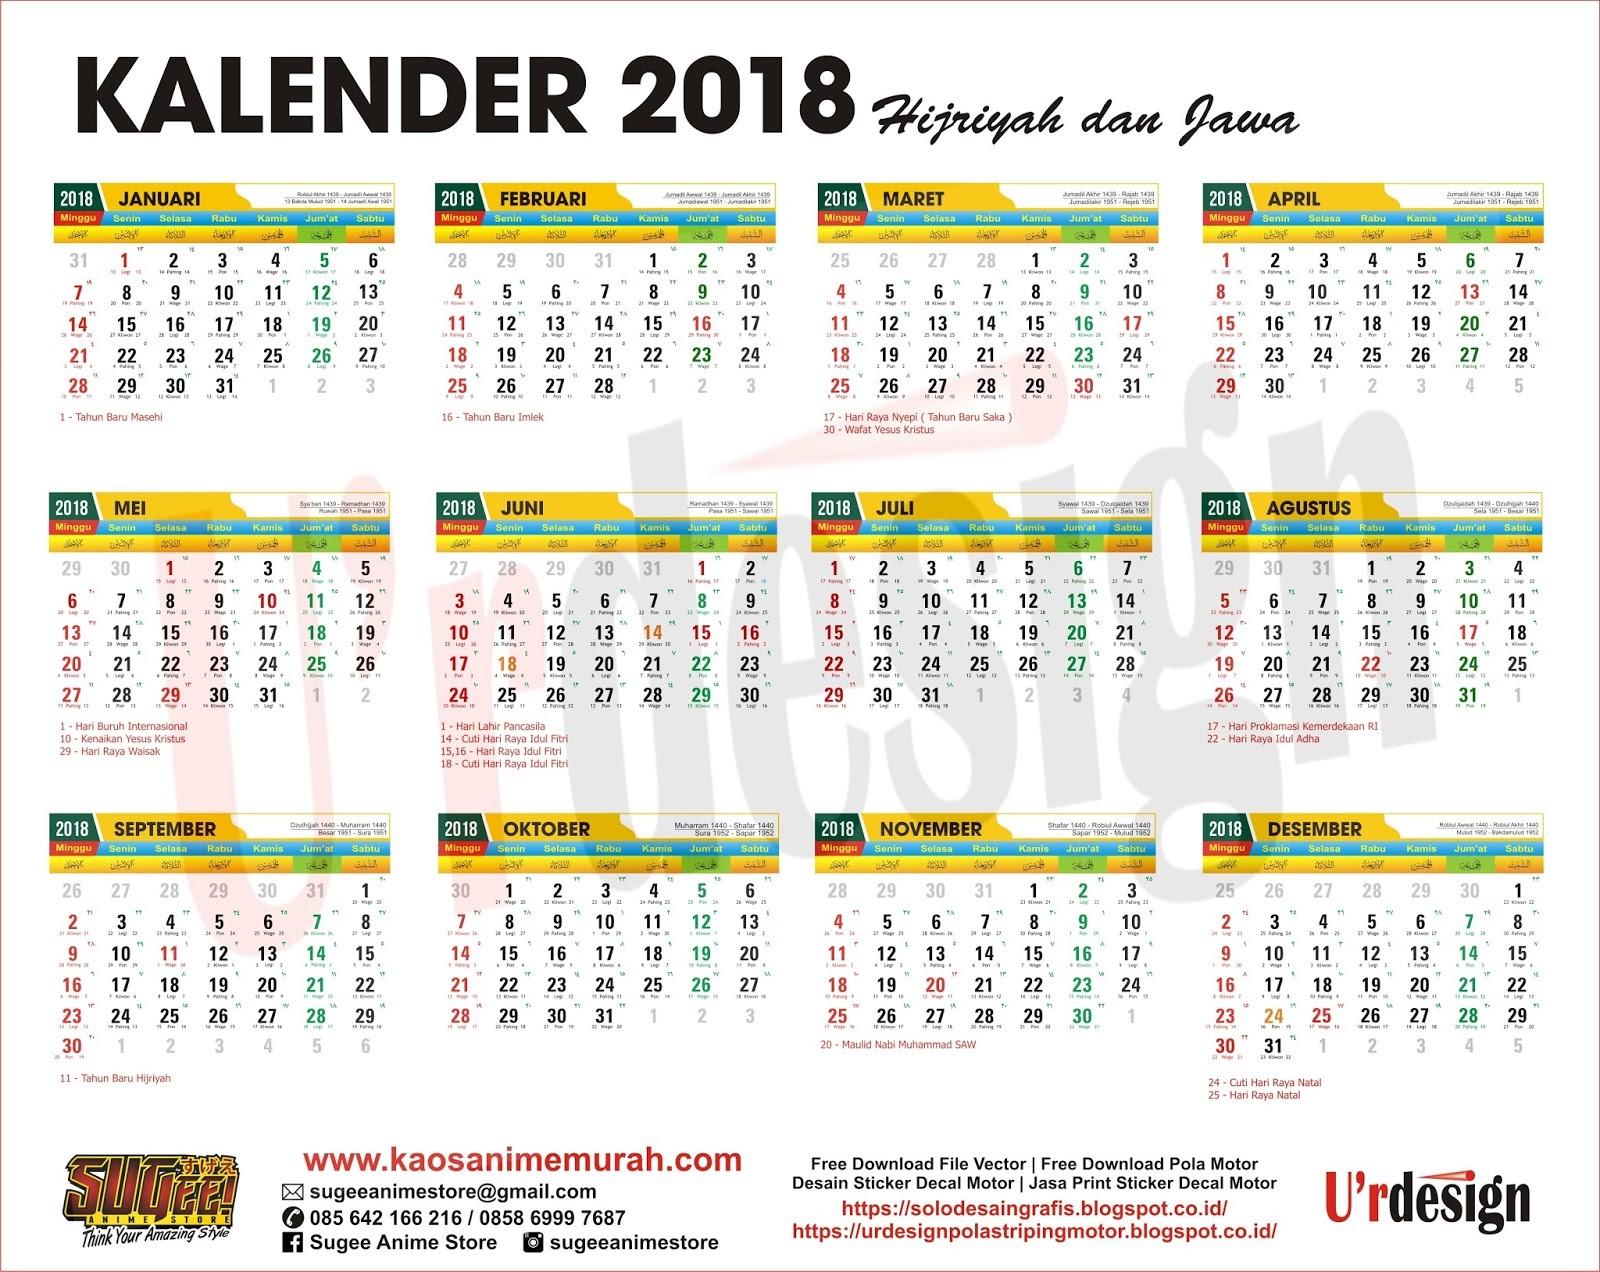 Kalender Meja 2018 Cahaya Harapan Satya 21x15cm DOWNLOAD HERE